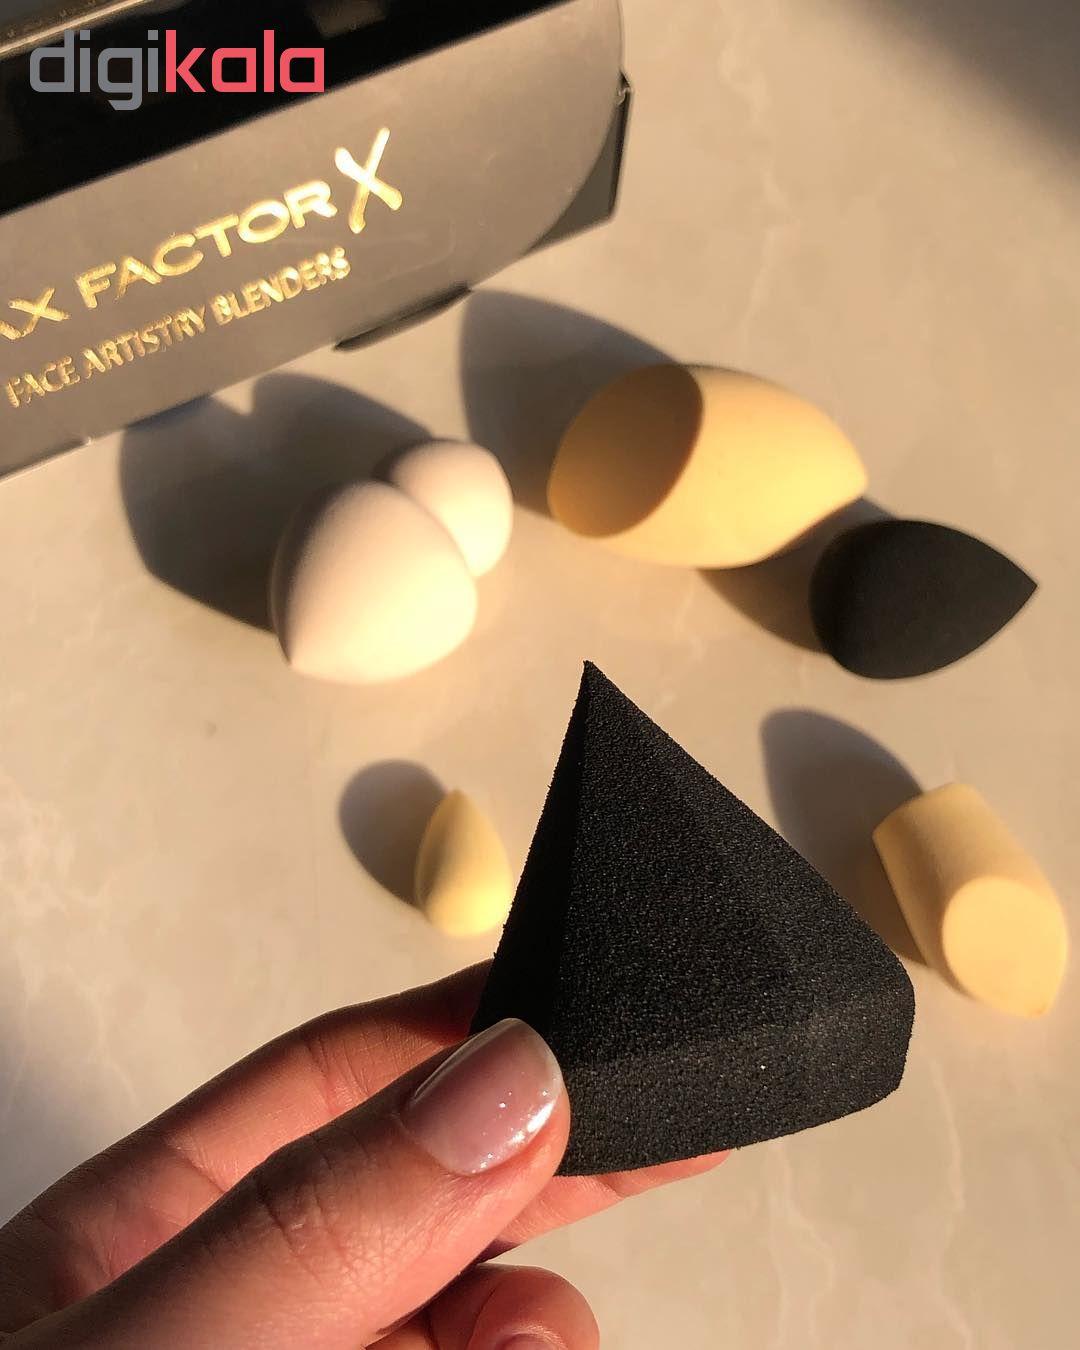 پد آرایشی مکس فکتور مدل MAXFACTOR X  بسته 6عددی thumb 2 1